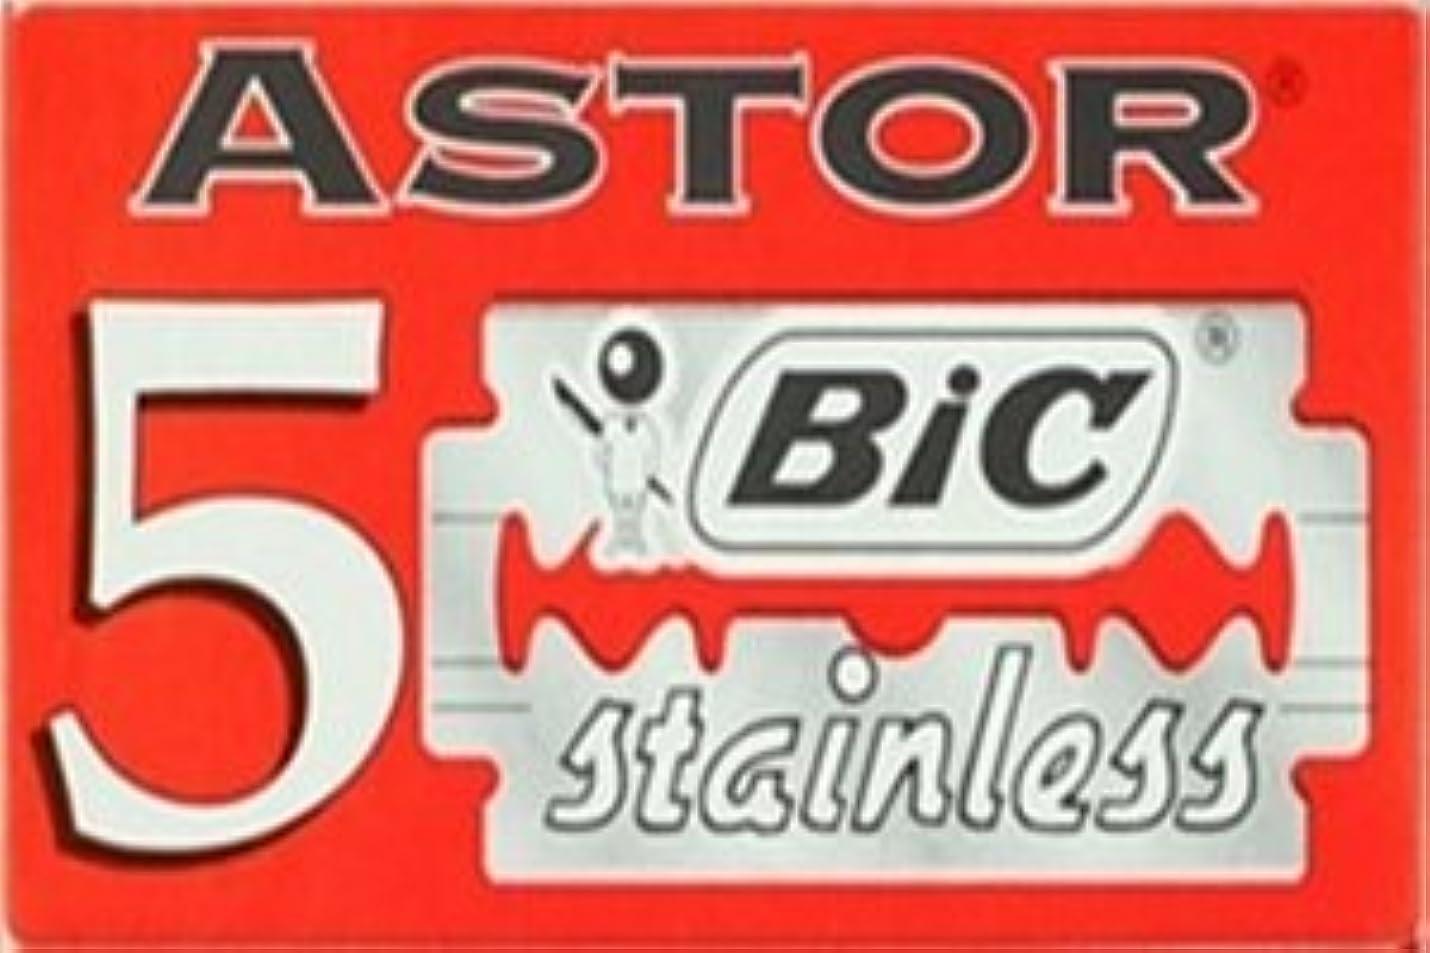 ポンプ勇気容赦ないBIC Astor Stainless 両刃替刃 5枚入り(5枚入り1 個セット)【並行輸入品】